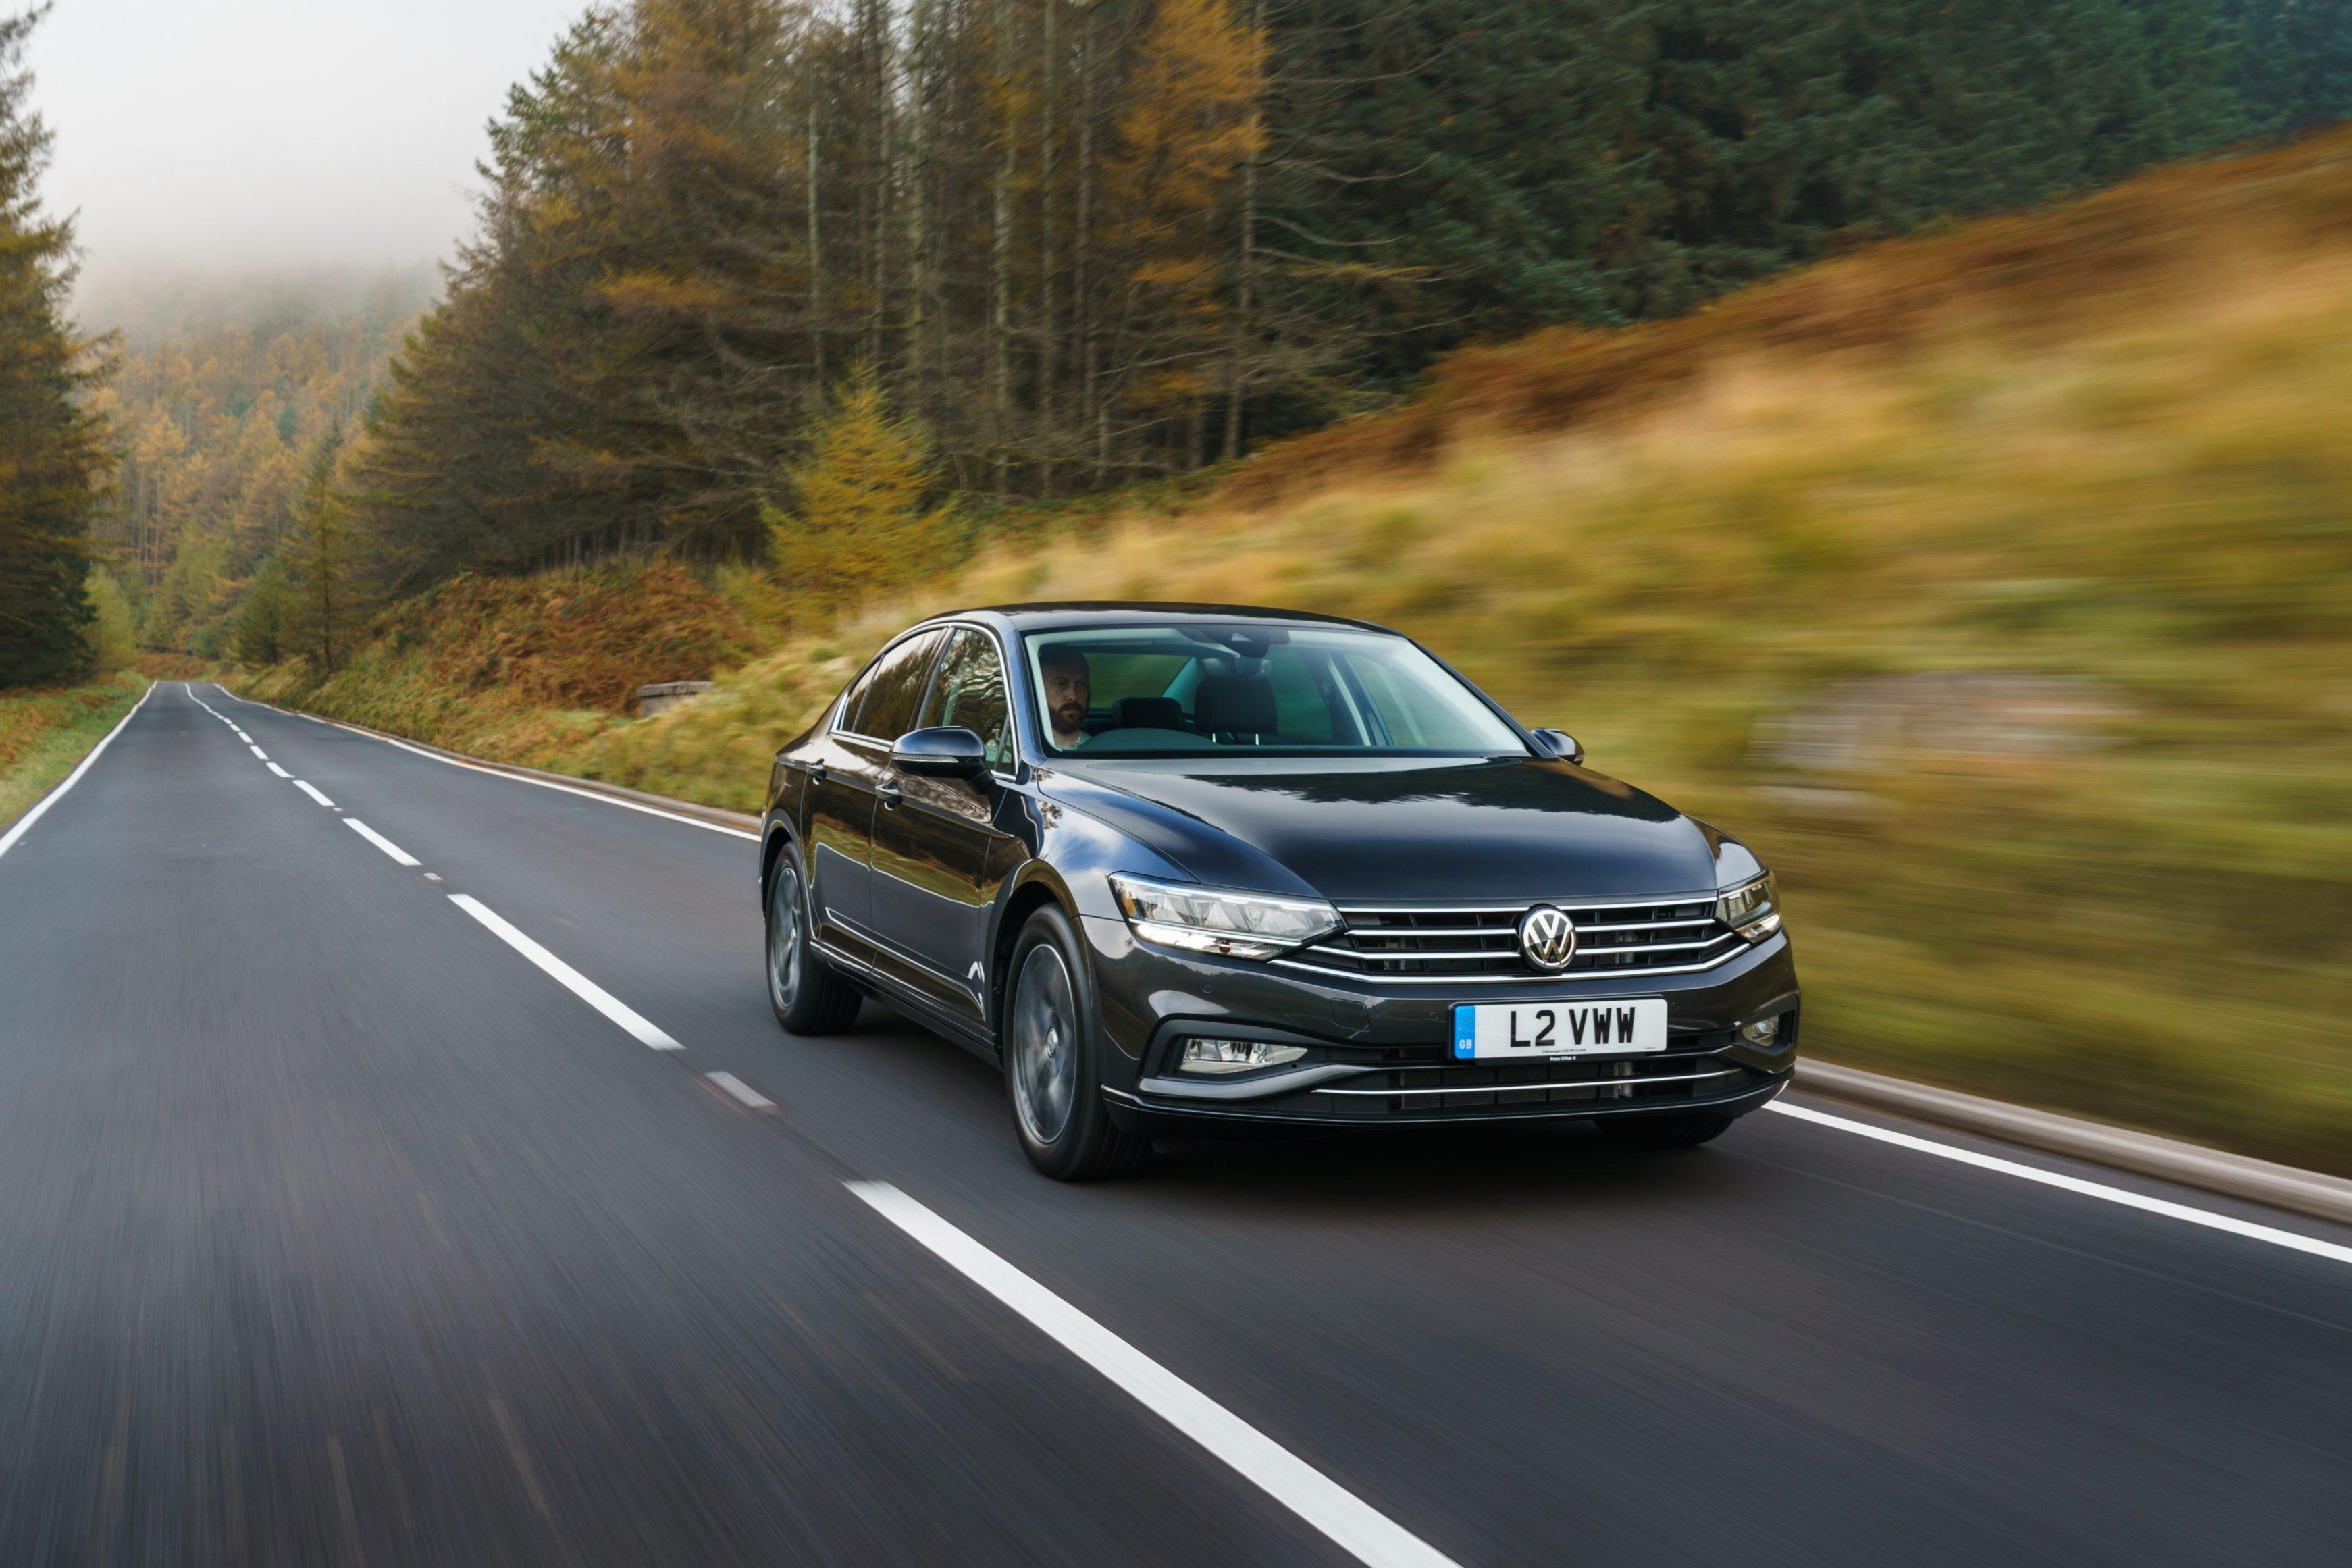 Brand-new Volkswagen Passat